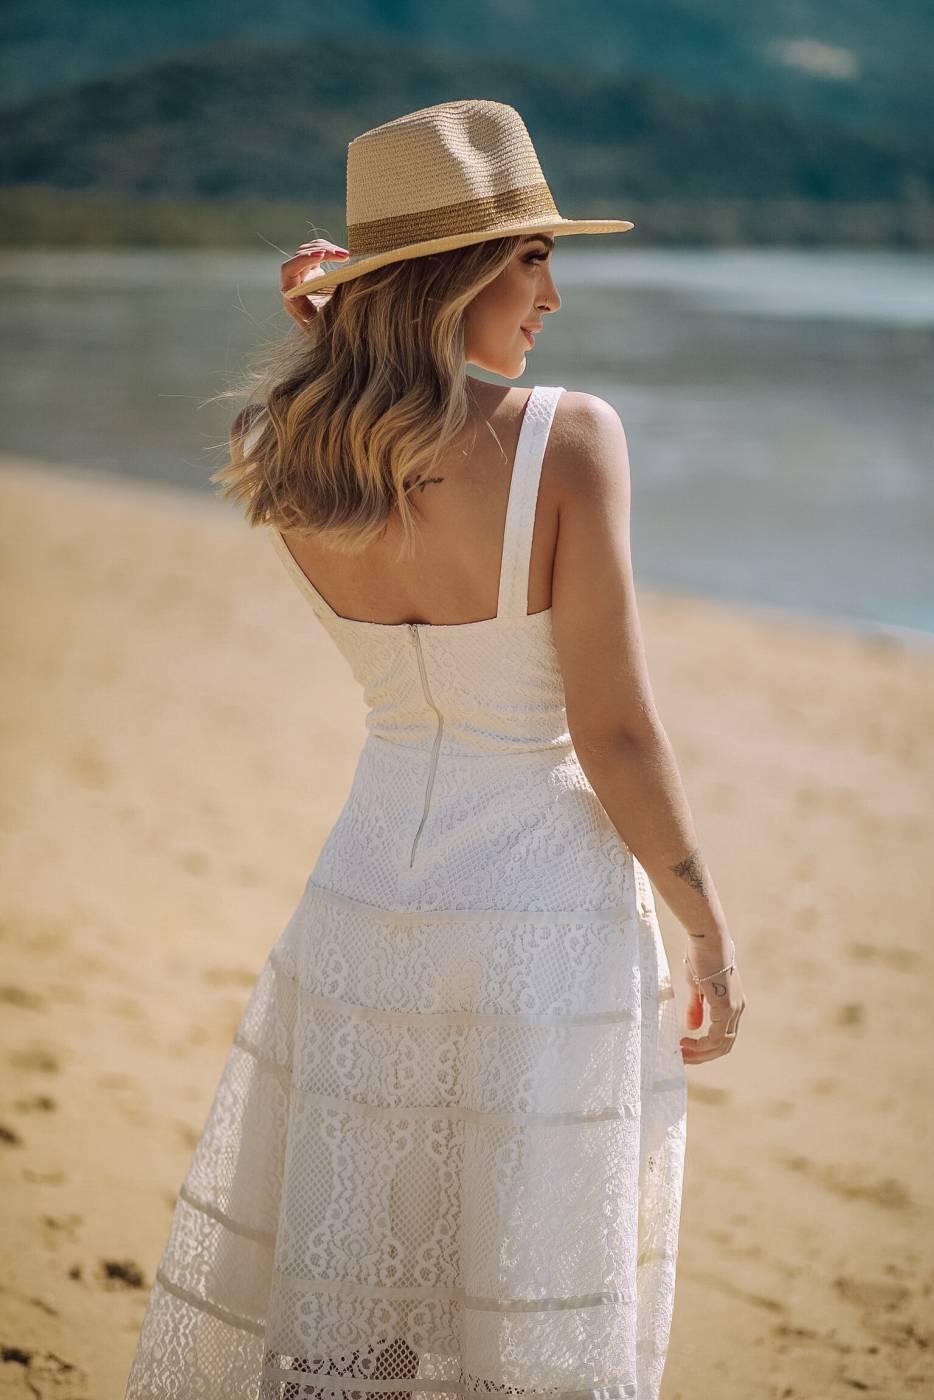 Vestido Amelia  - Empório NM